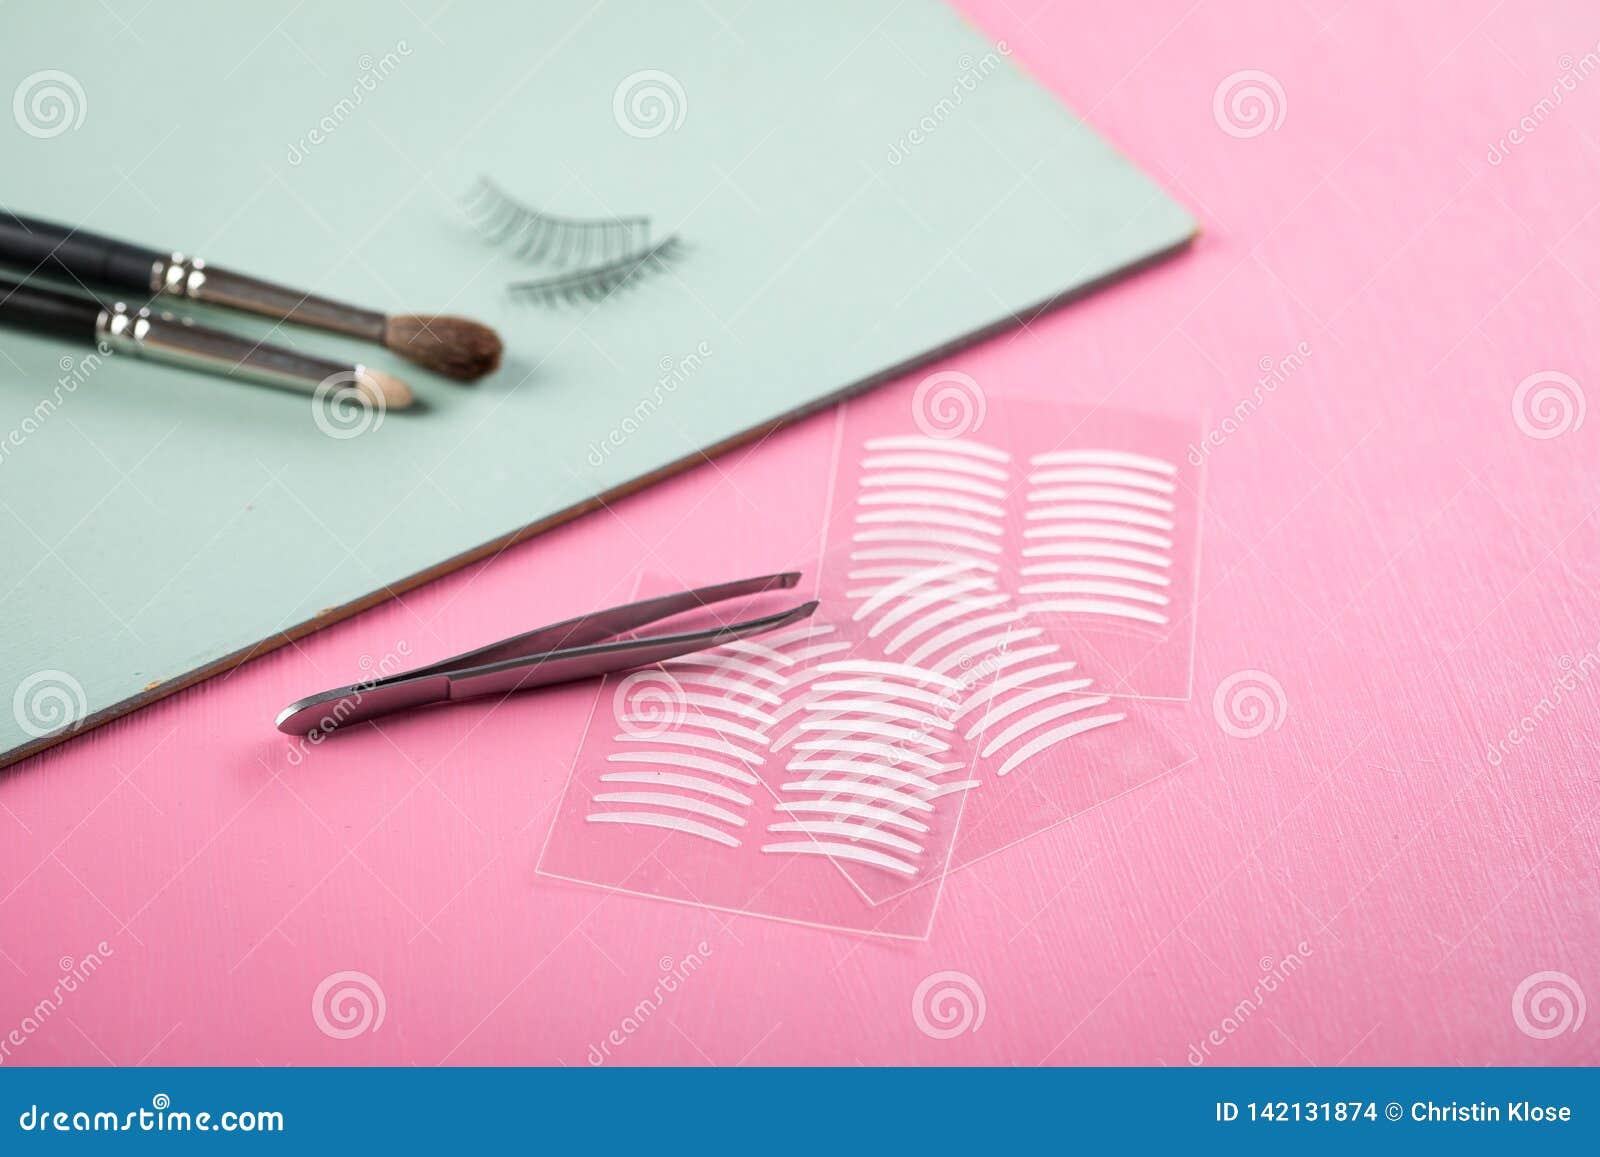 Bürsten, gefälschte Peitschen, Pinzette und doppelte Bänder der künstlichen Augenlidfalte für Augenmake-up auf rosafarbenem Paste